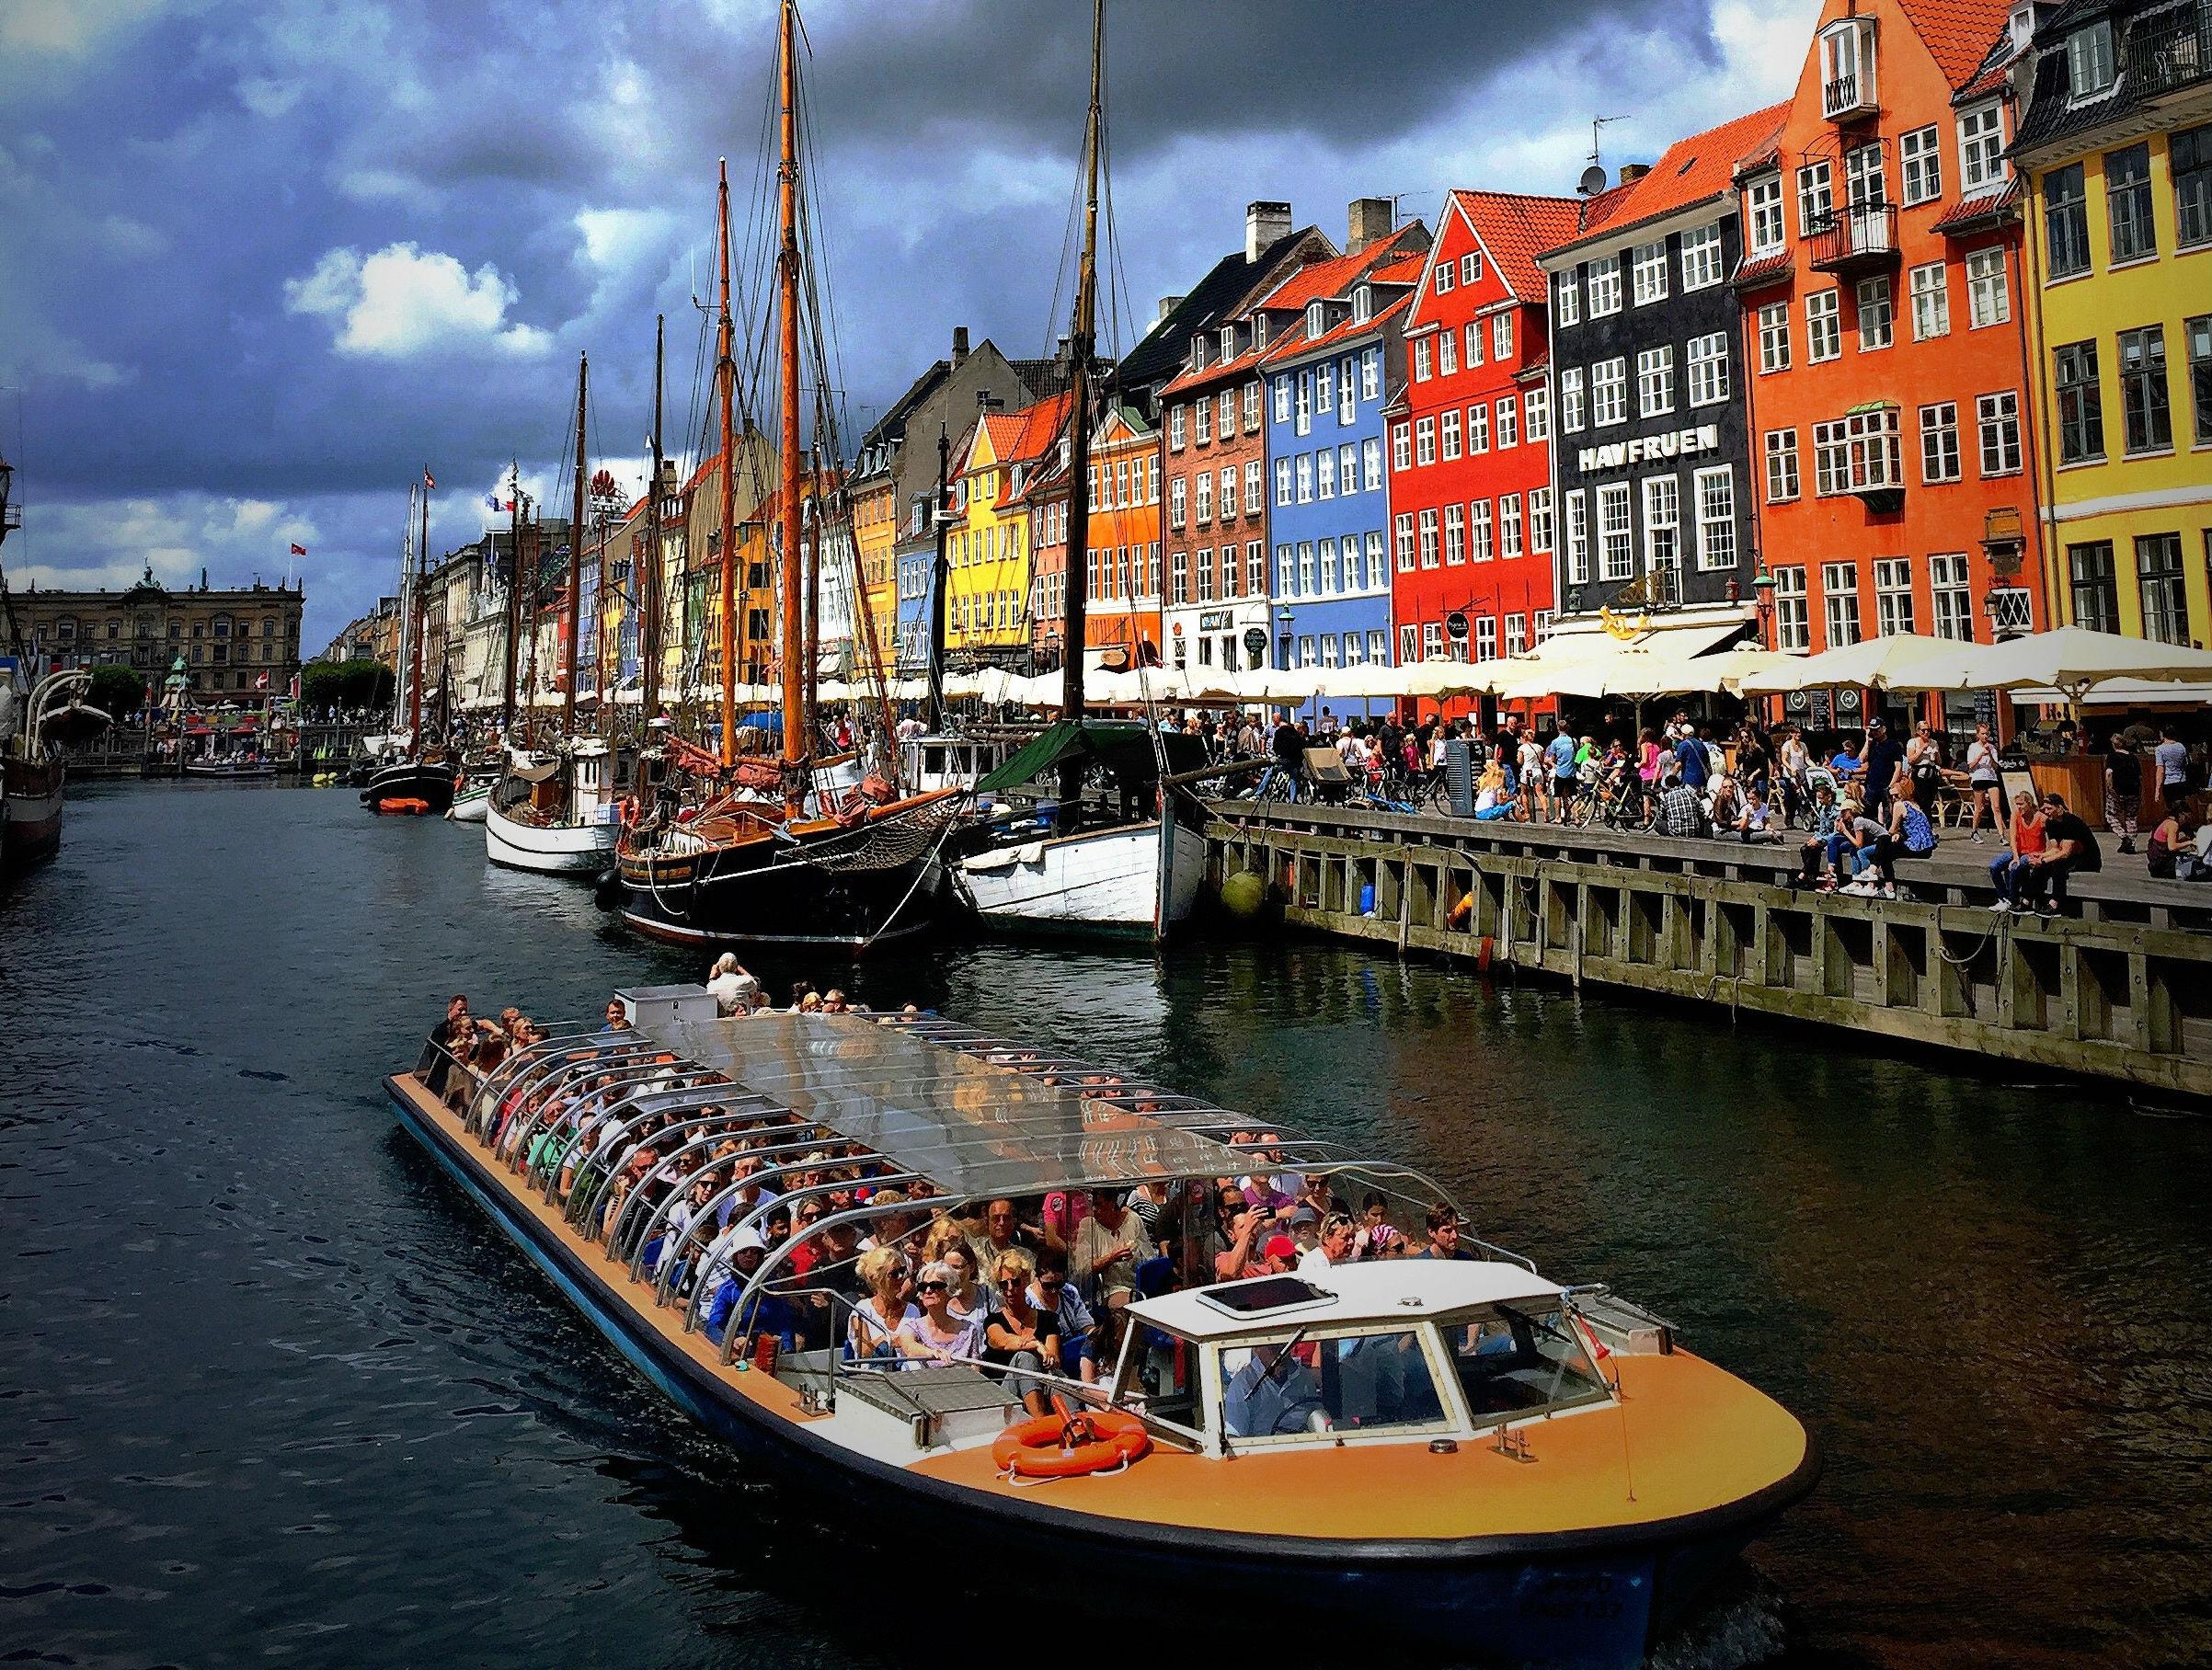 wonderful copenhagen, turisme, overturisme, barcelona, venedig, københavn, amsterdam, danmark, turisme, airbnb, fly, rejser, lokalbefolkning, problemer, kø, pres, husleje,